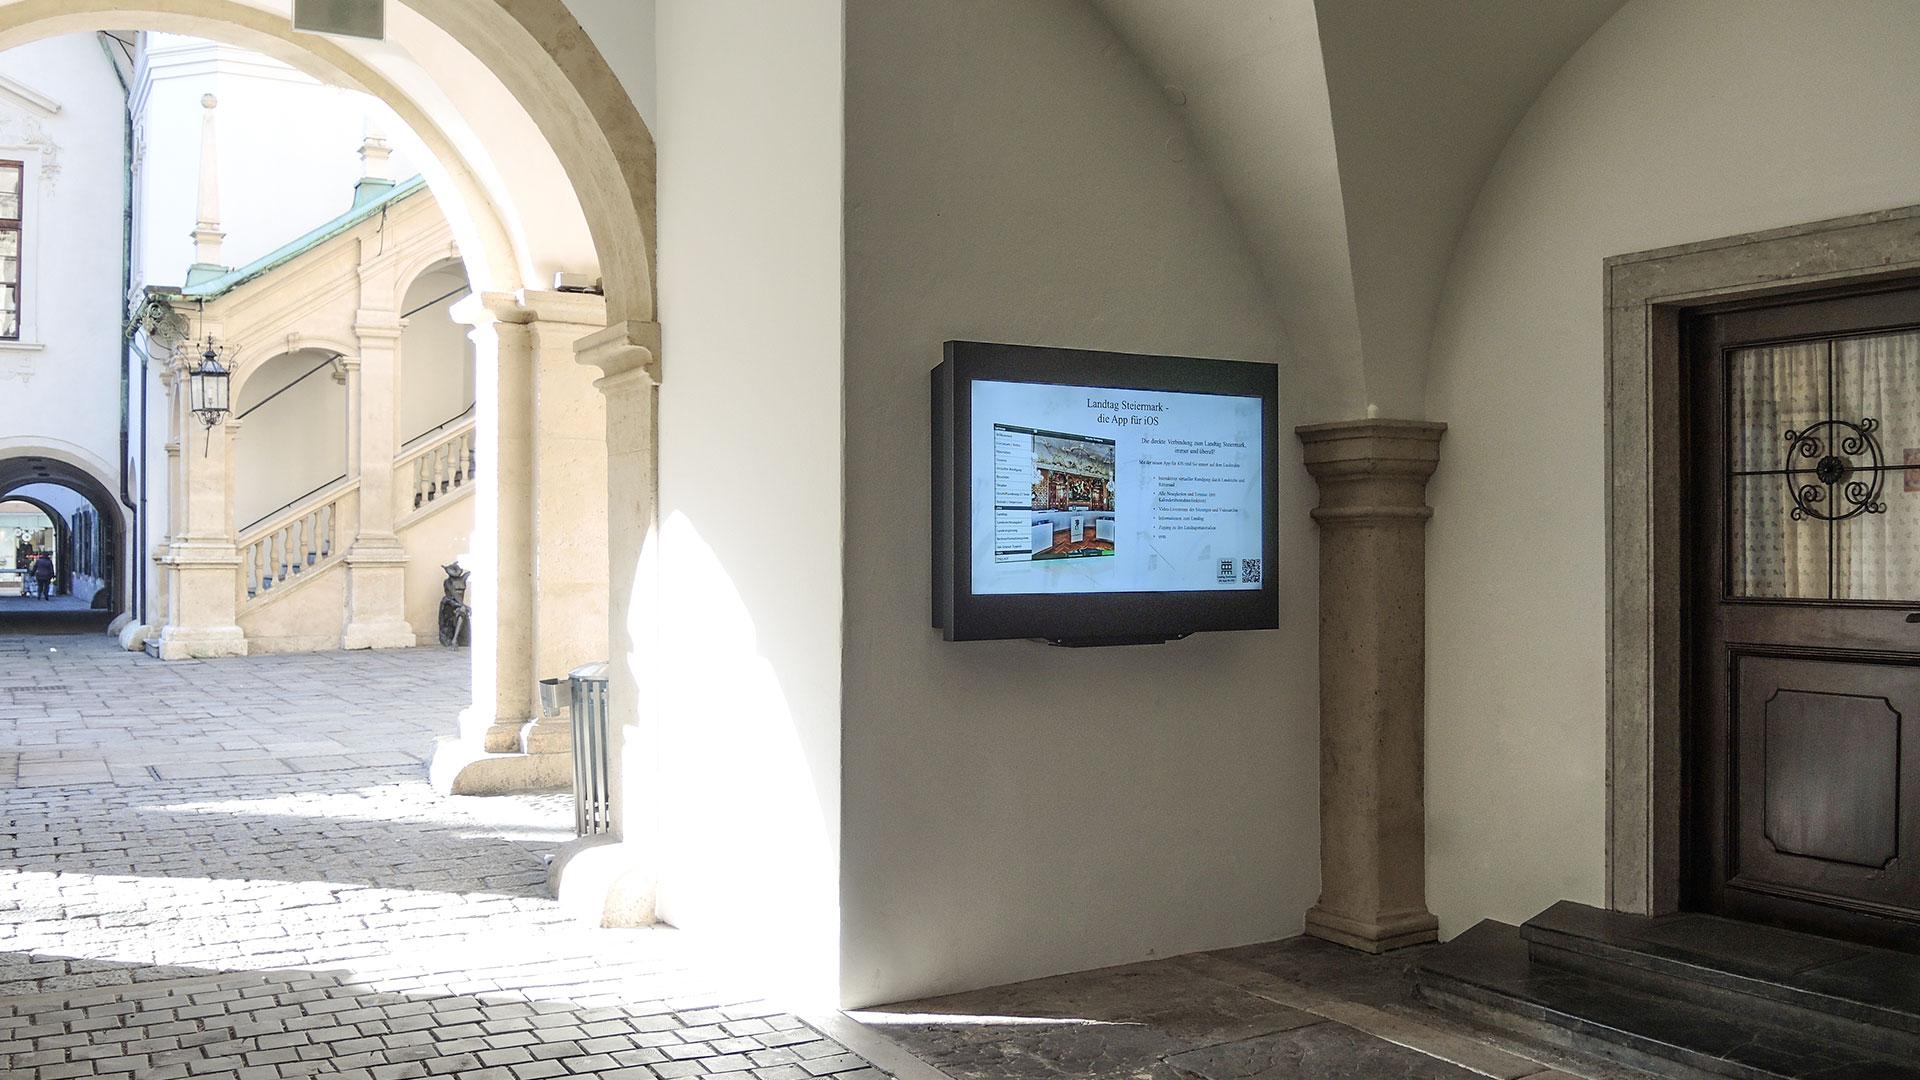 Landhaushof Graz Digital Signage